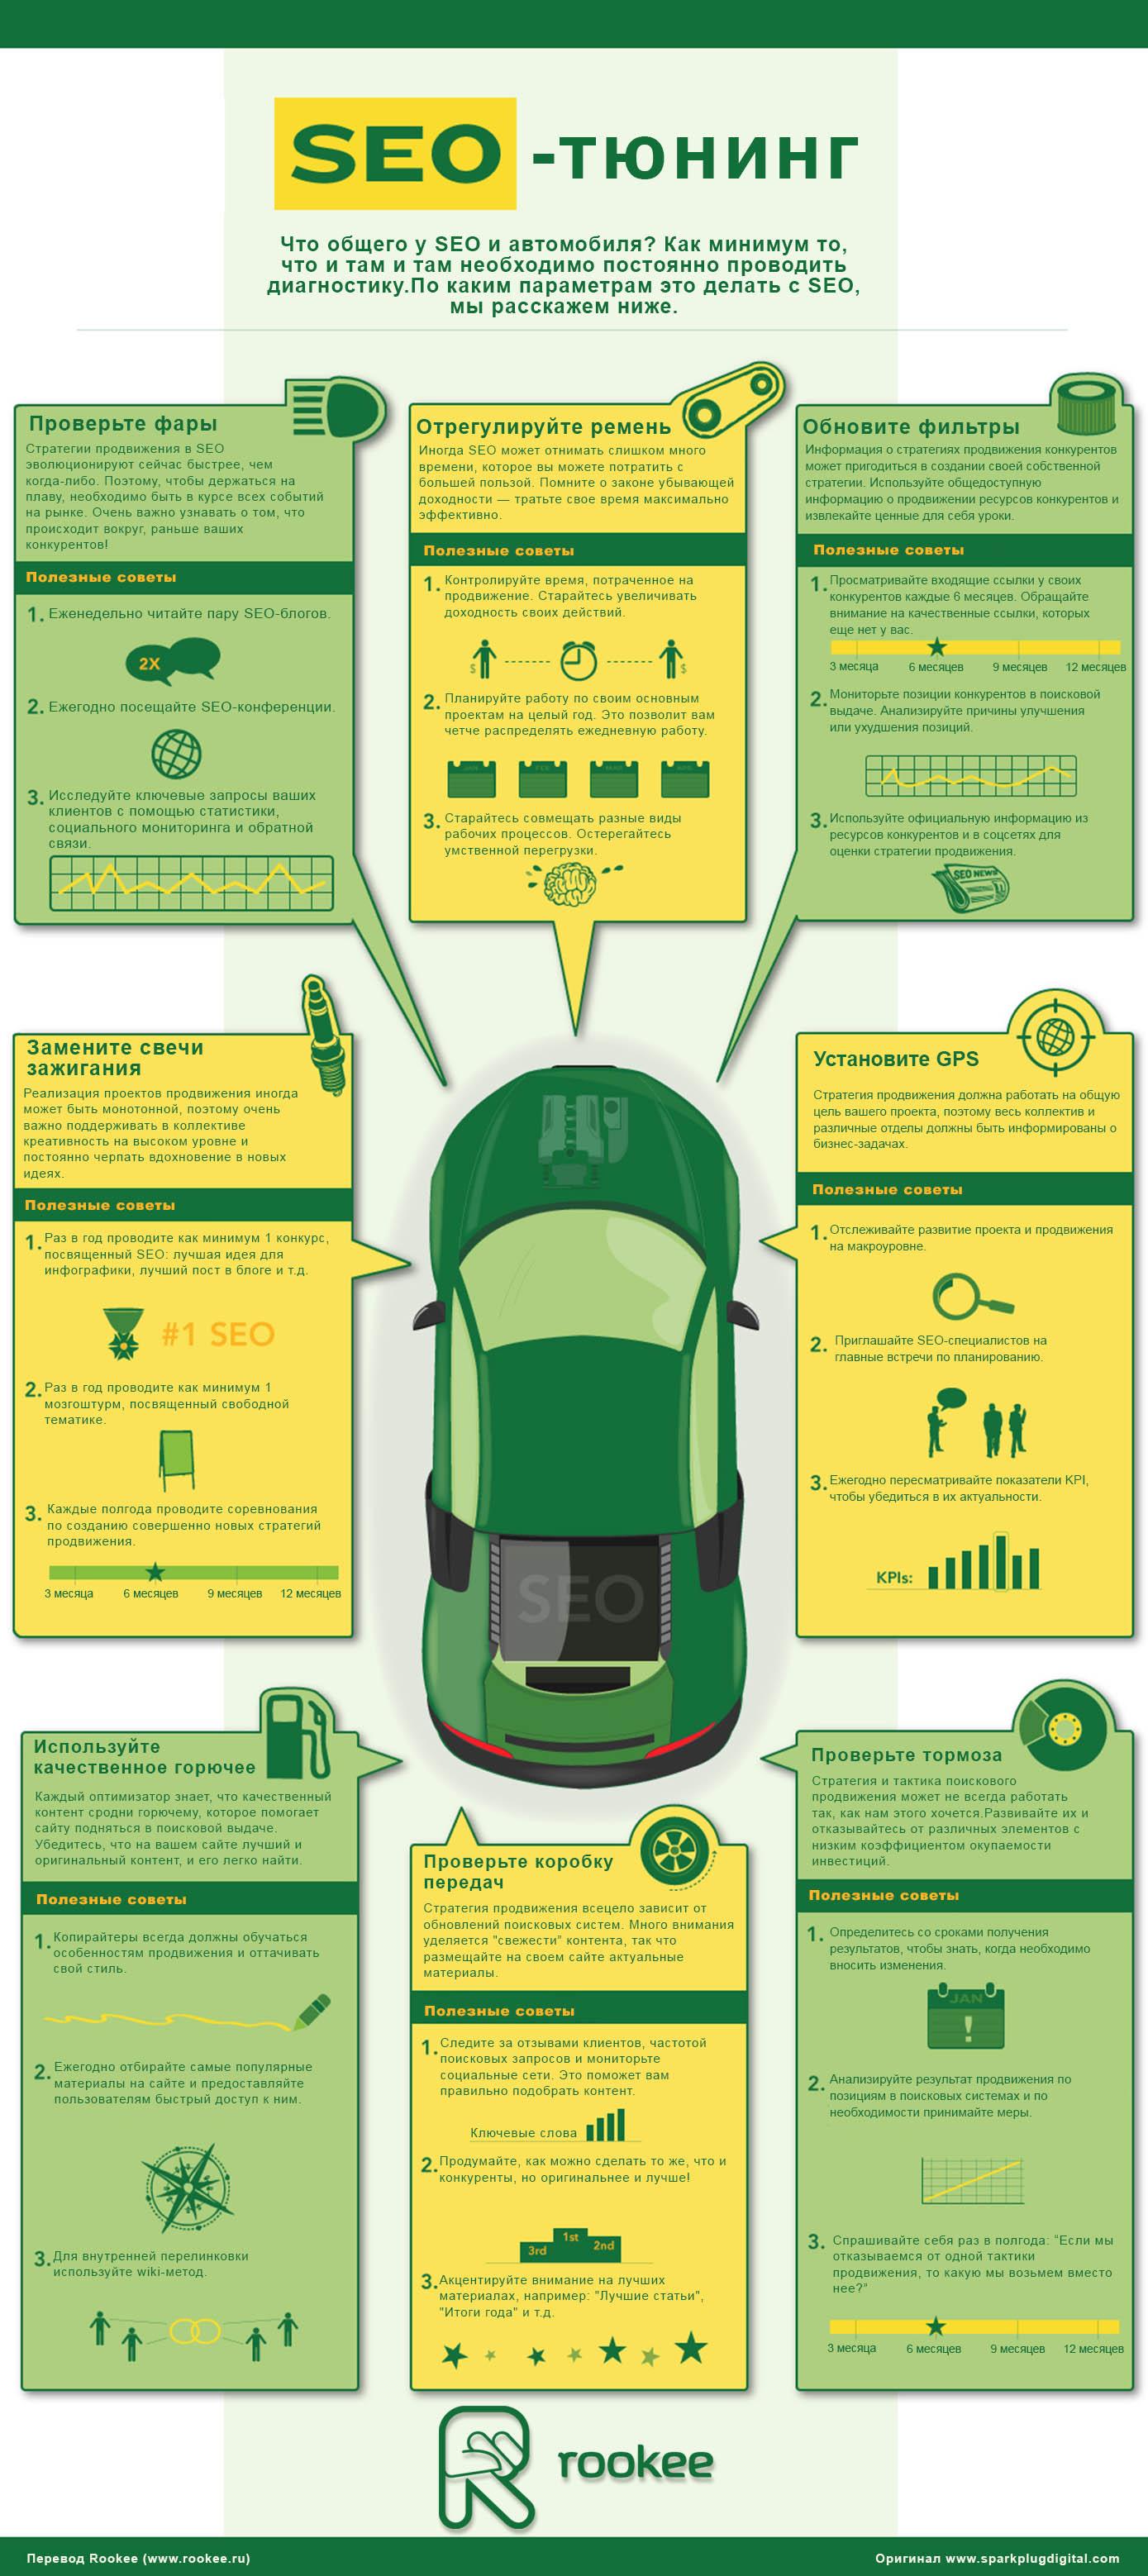 Что общего у автомобиля и SEO-продвижения?